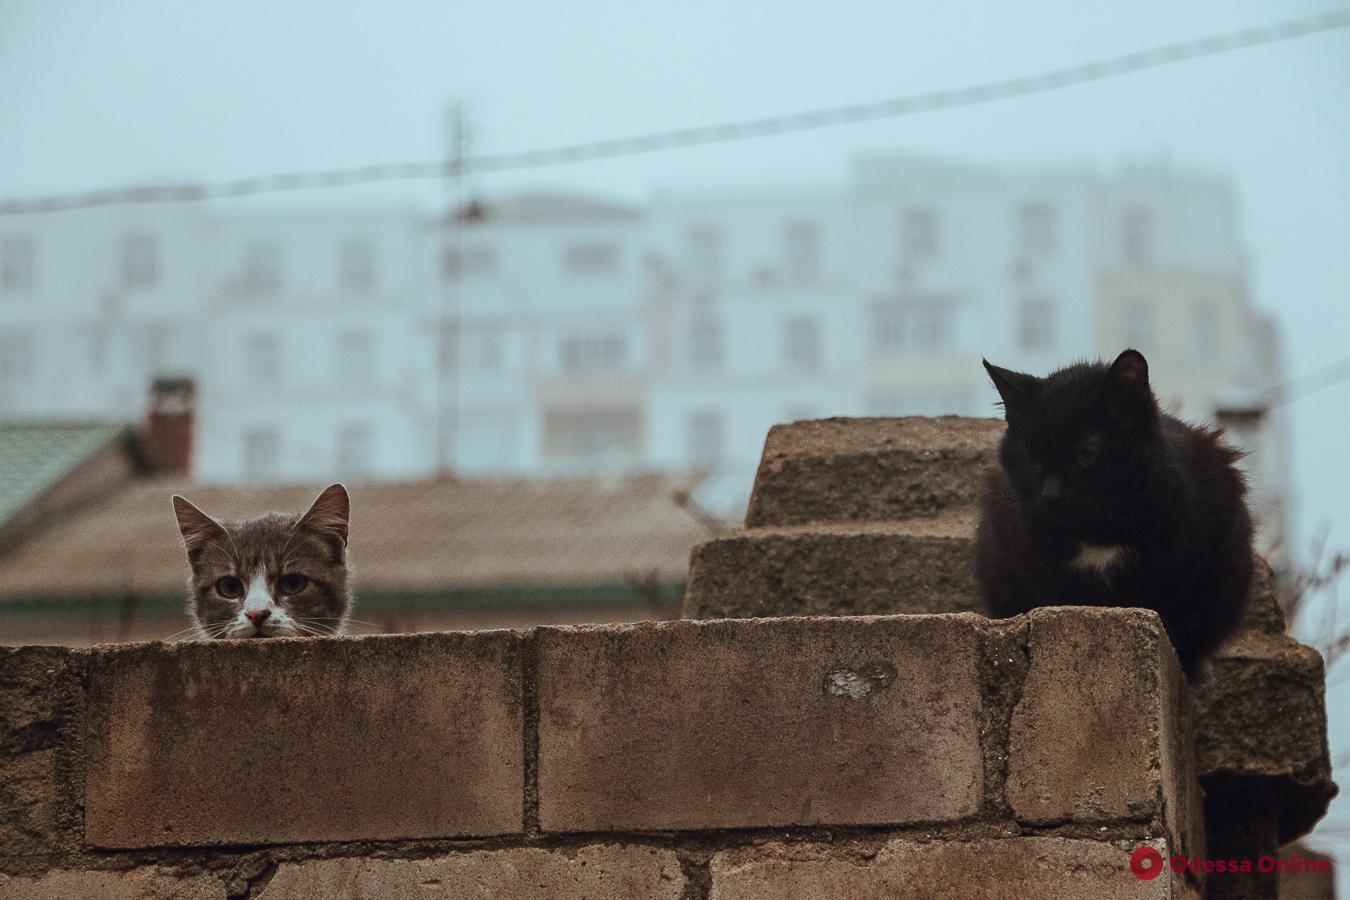 Мягкие, пушистые и произведения искусства: фотоподборка одесских мурлык ко Дню кота